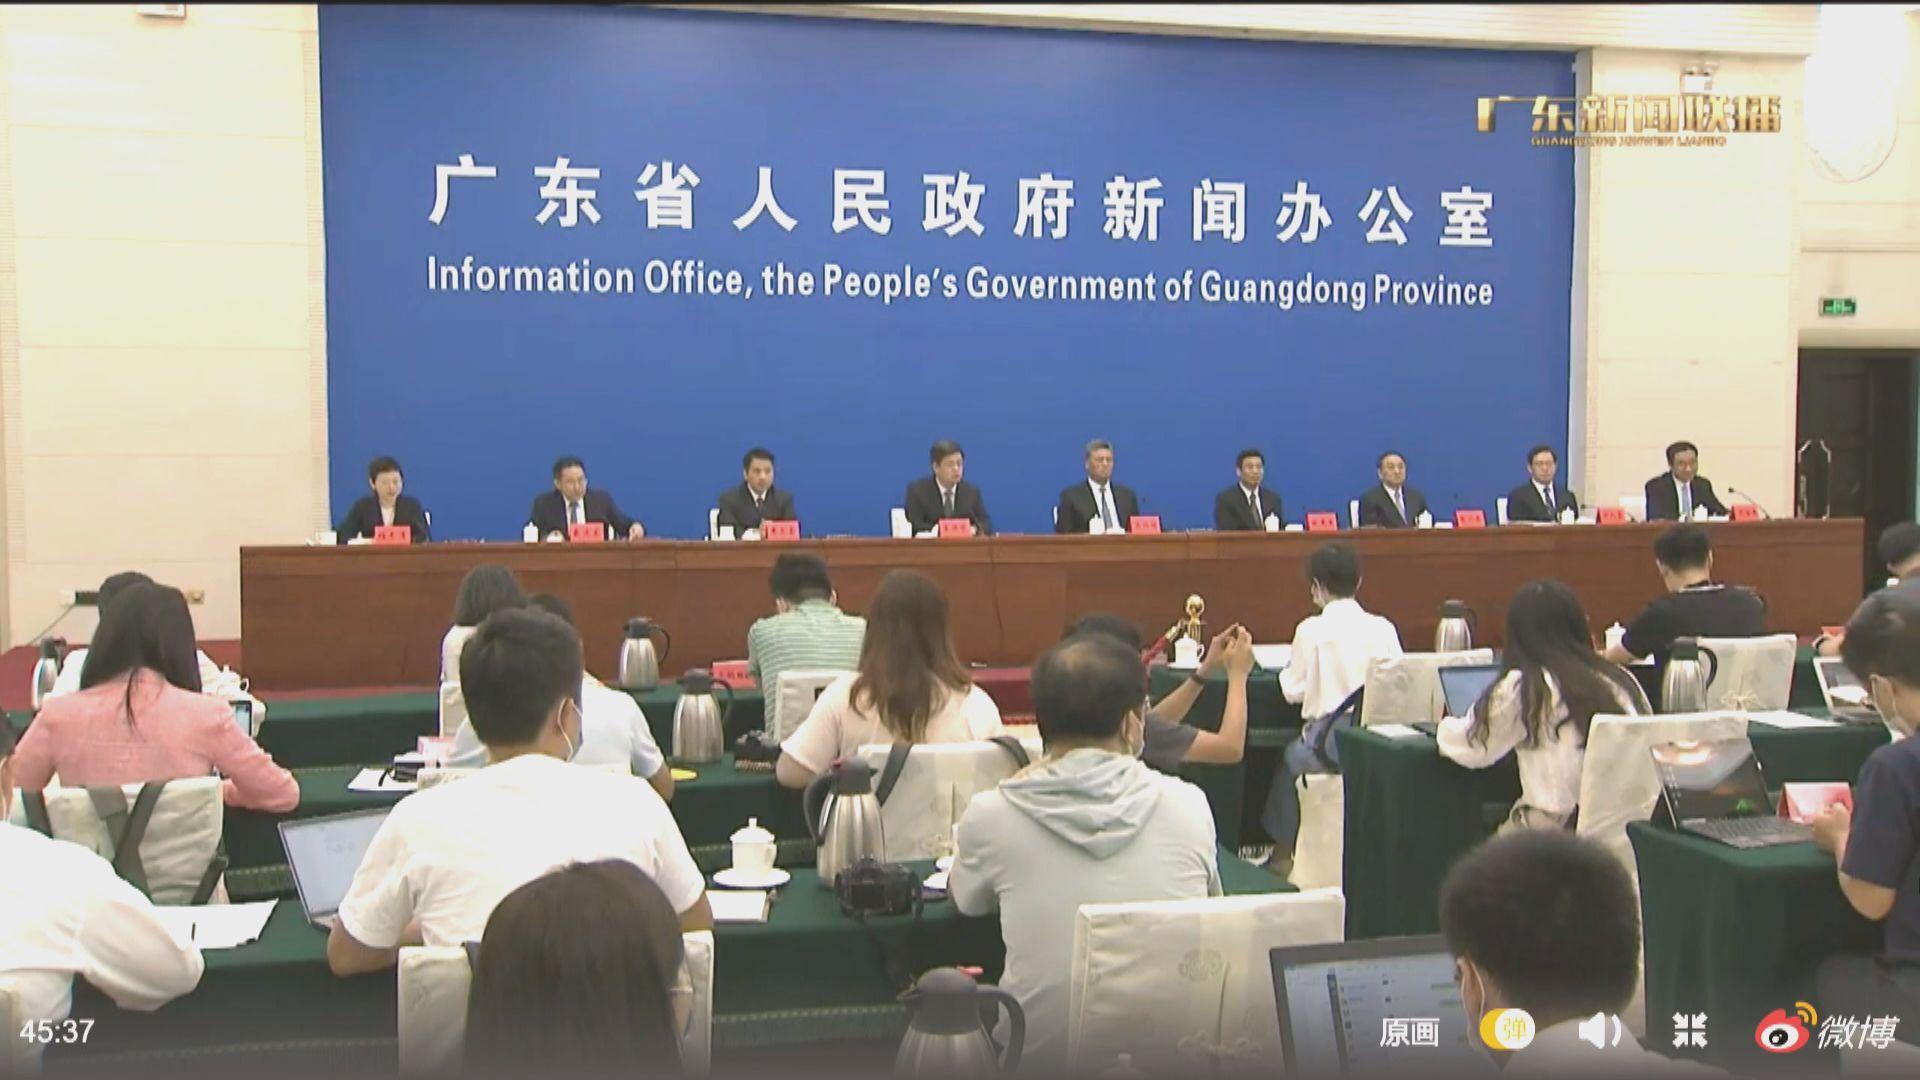 深圳市政府:前海擴區後三分一新出讓產業用地面向港資企業